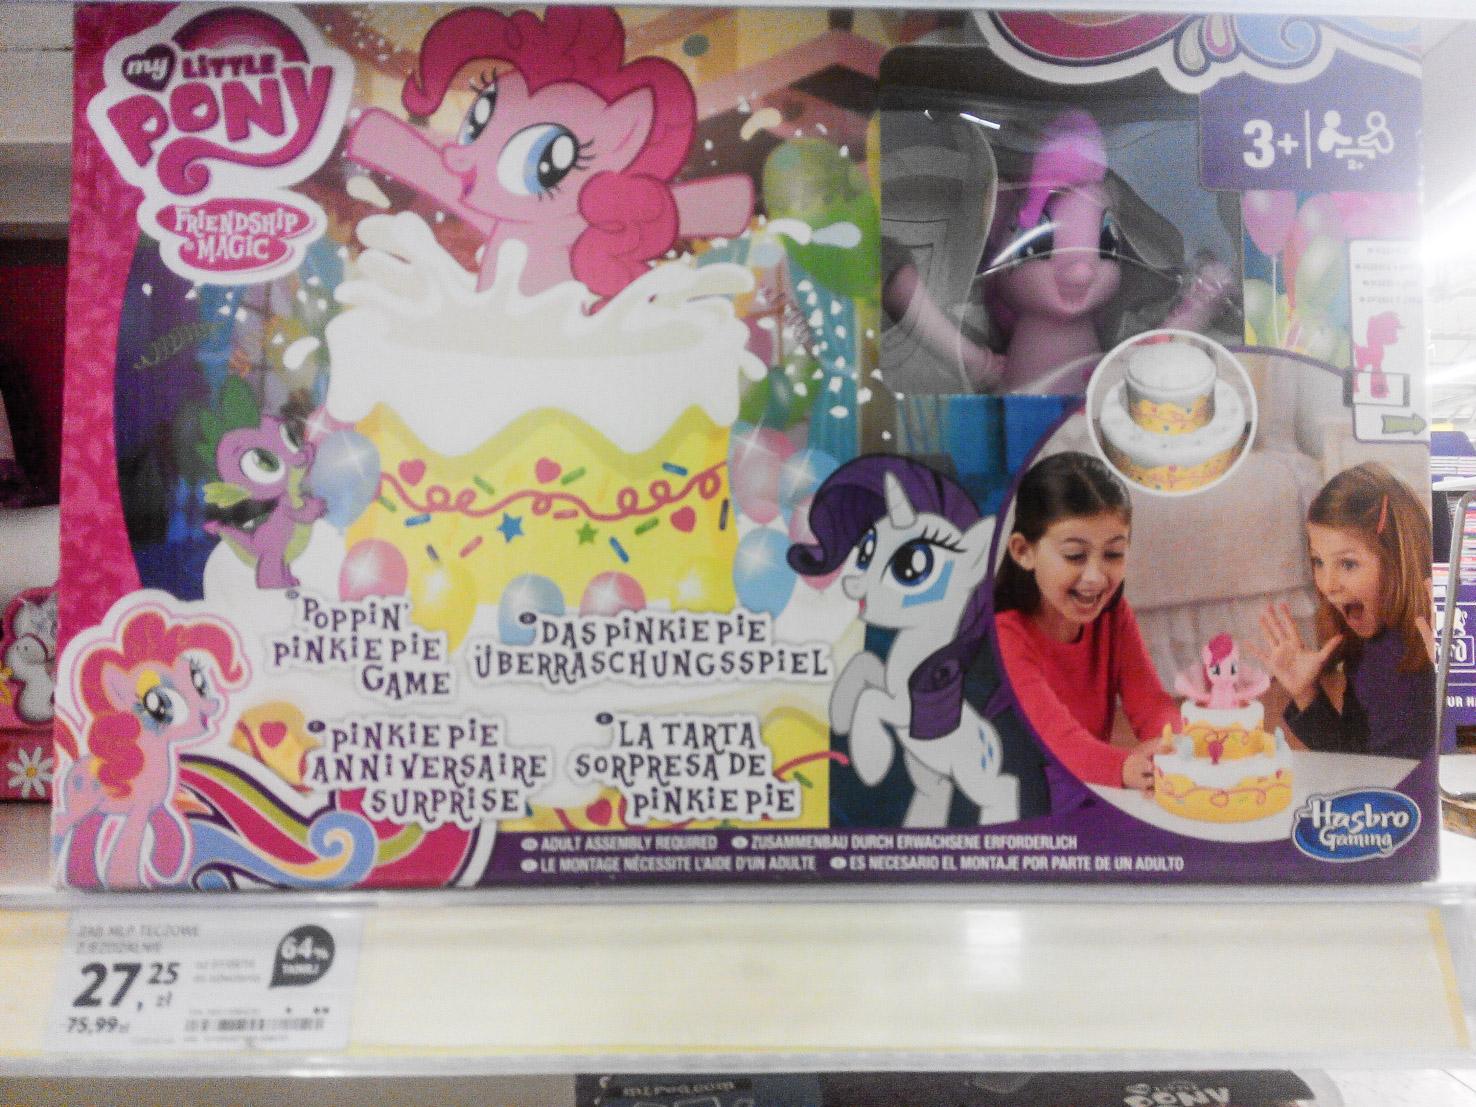 TESCO - My Little Pony Poppin' Pinkie Pie